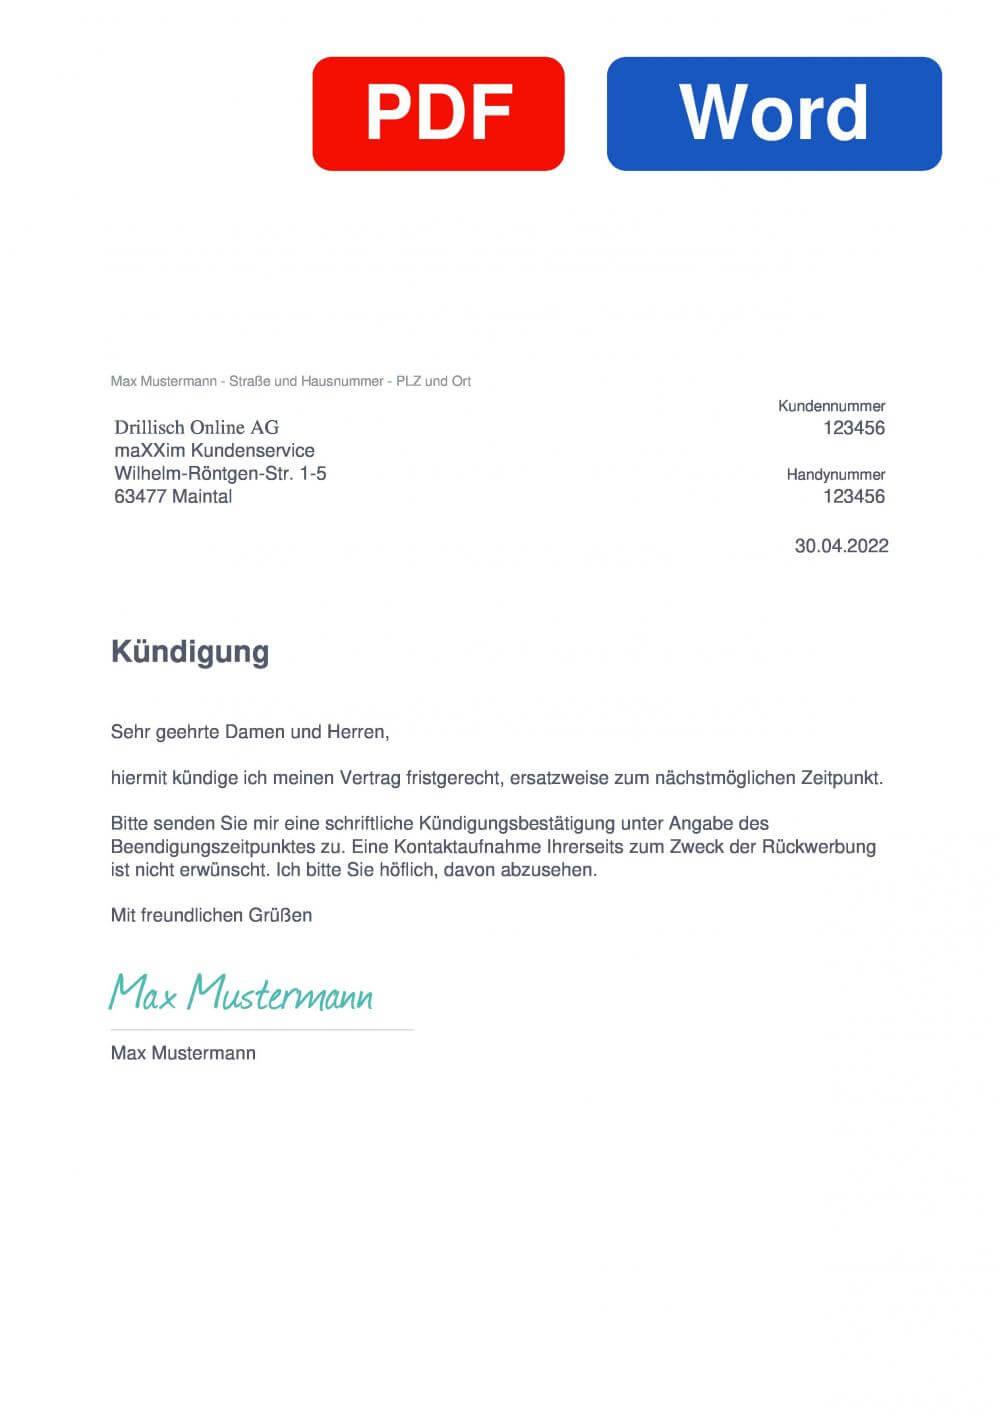 maxxim  Muster Vorlage für Kündigungsschreiben